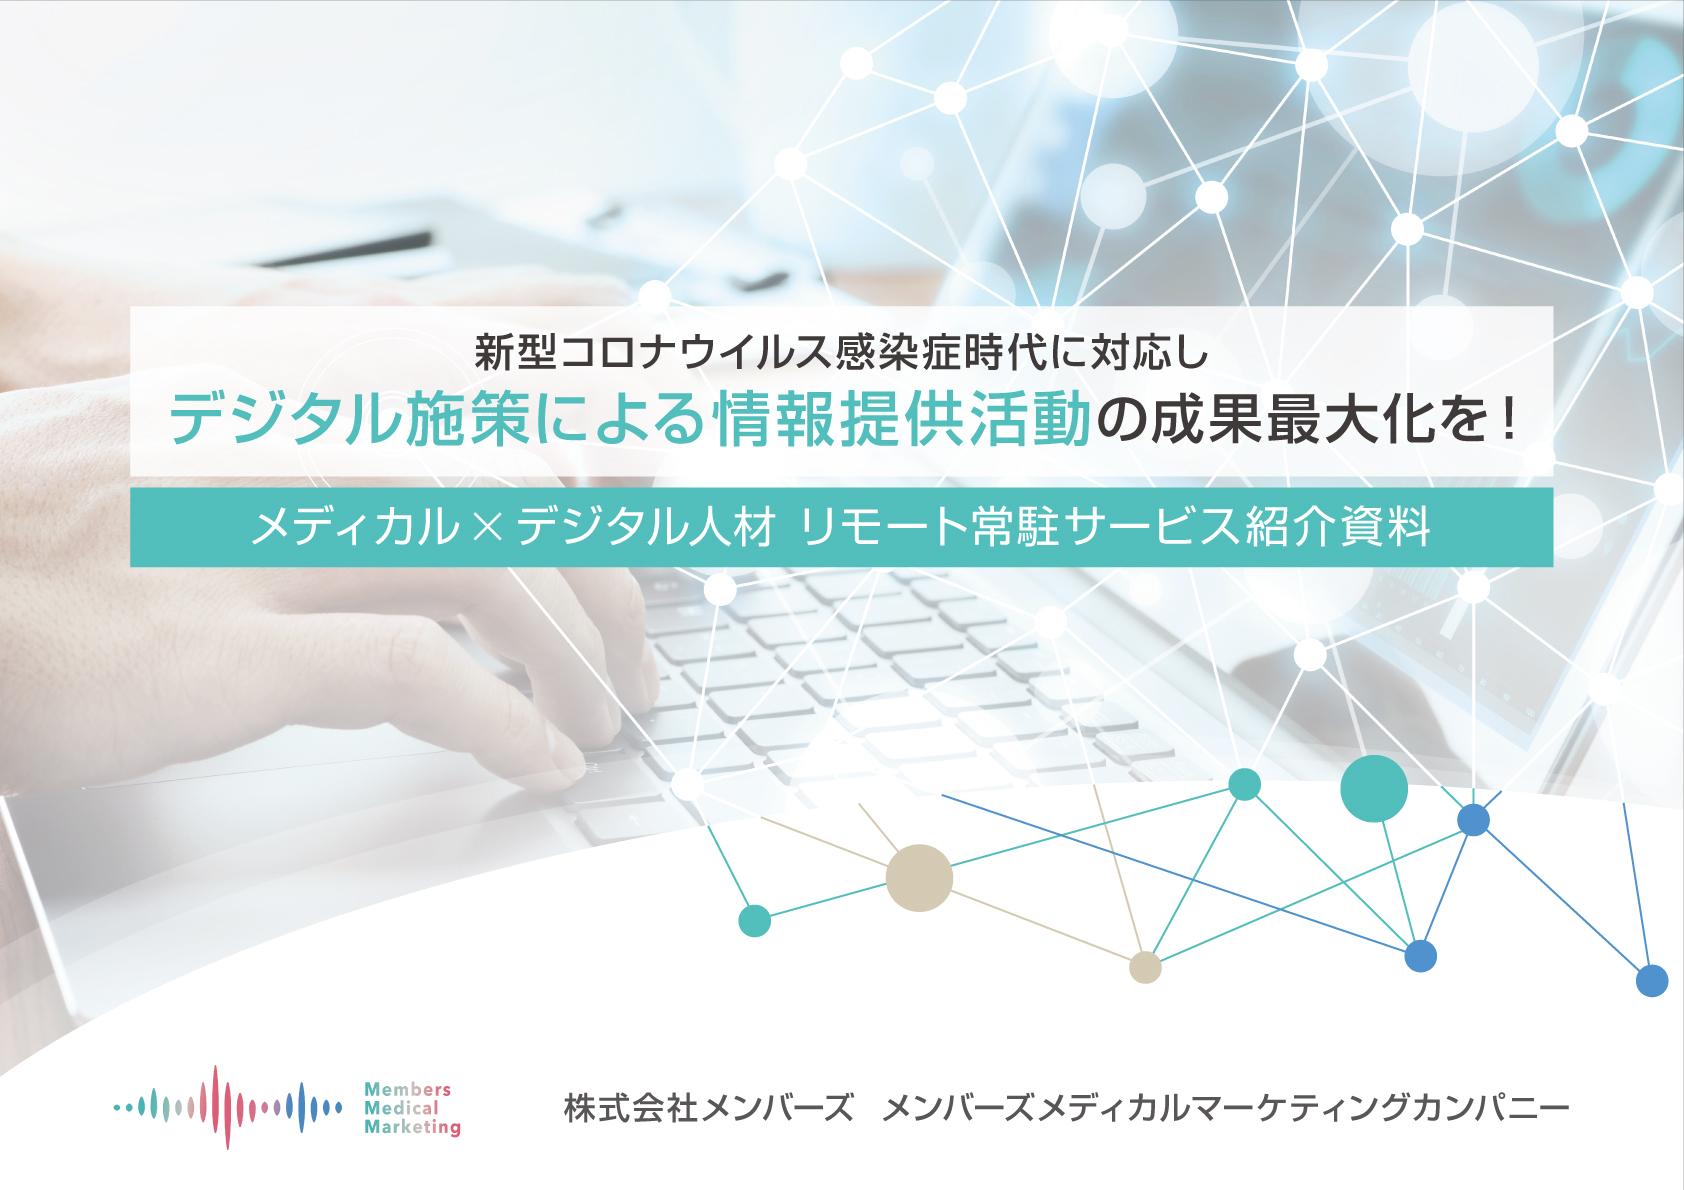 メディカルxデジタル人材 リモート常駐サービス紹介資料